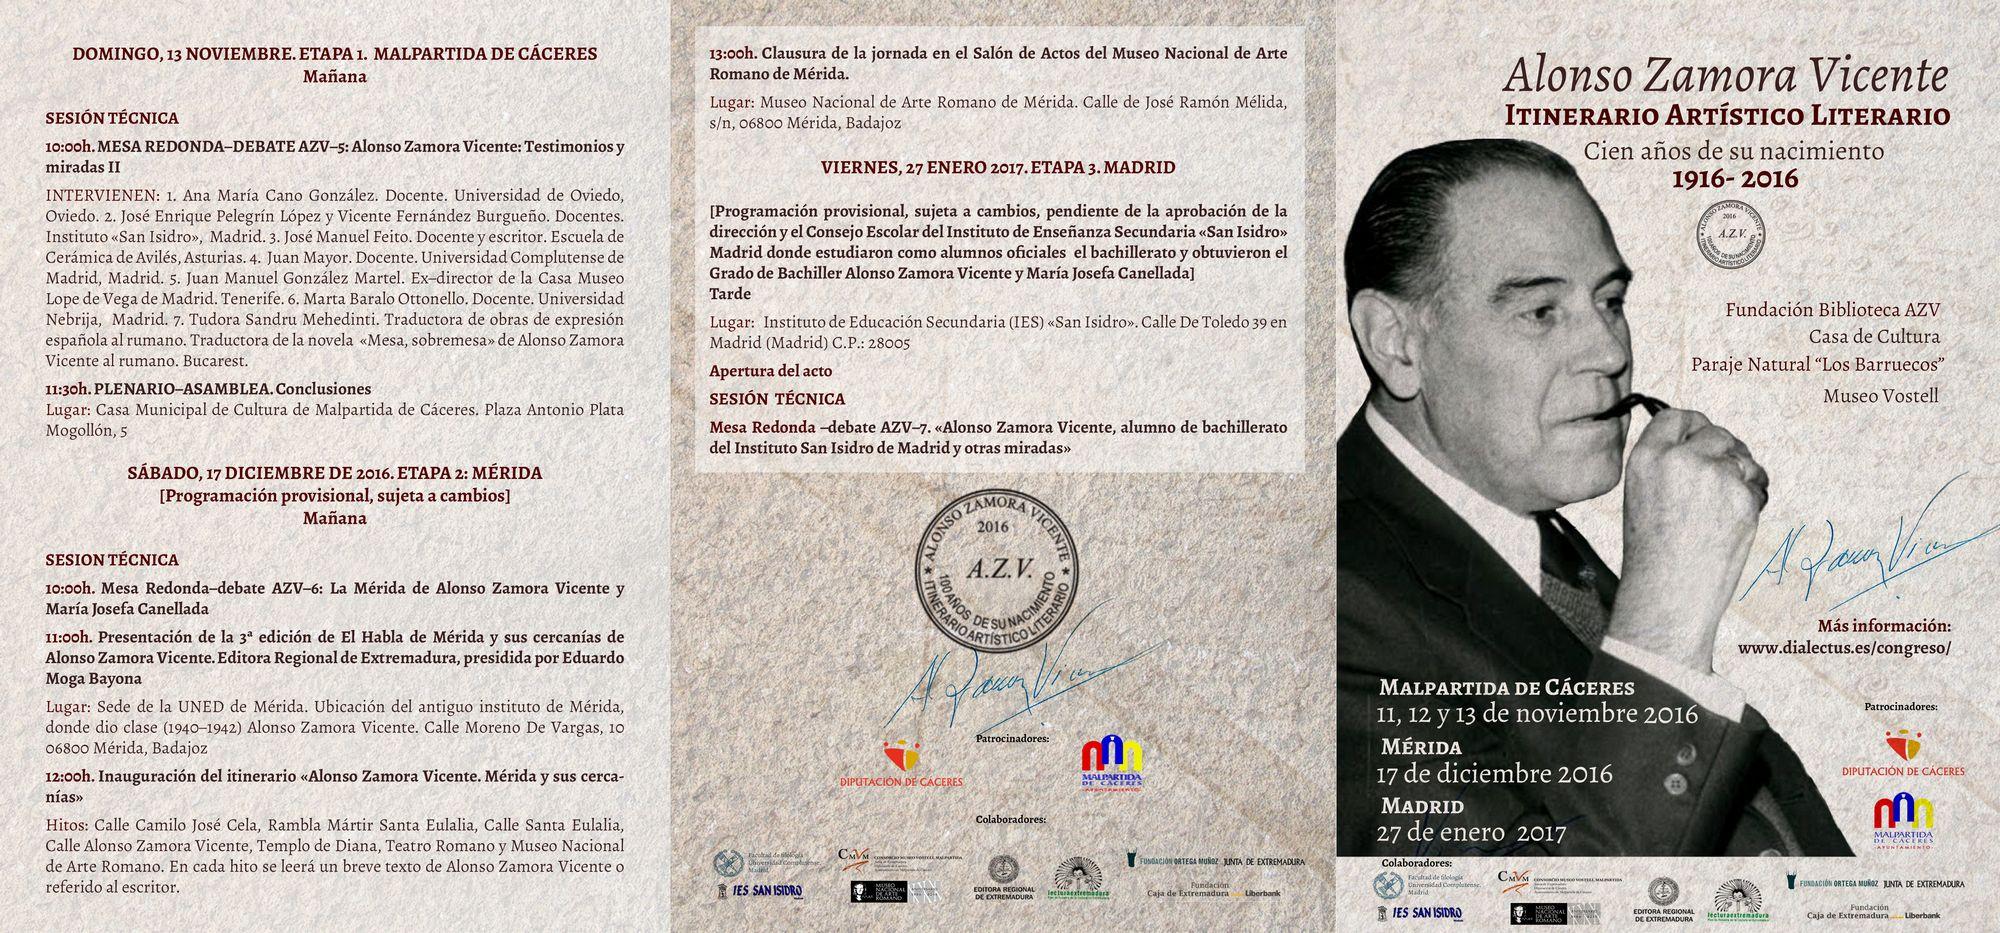 02-programa-alonso-zamora-vicente-11-al-13n-2016-itinerario-artistico-literario